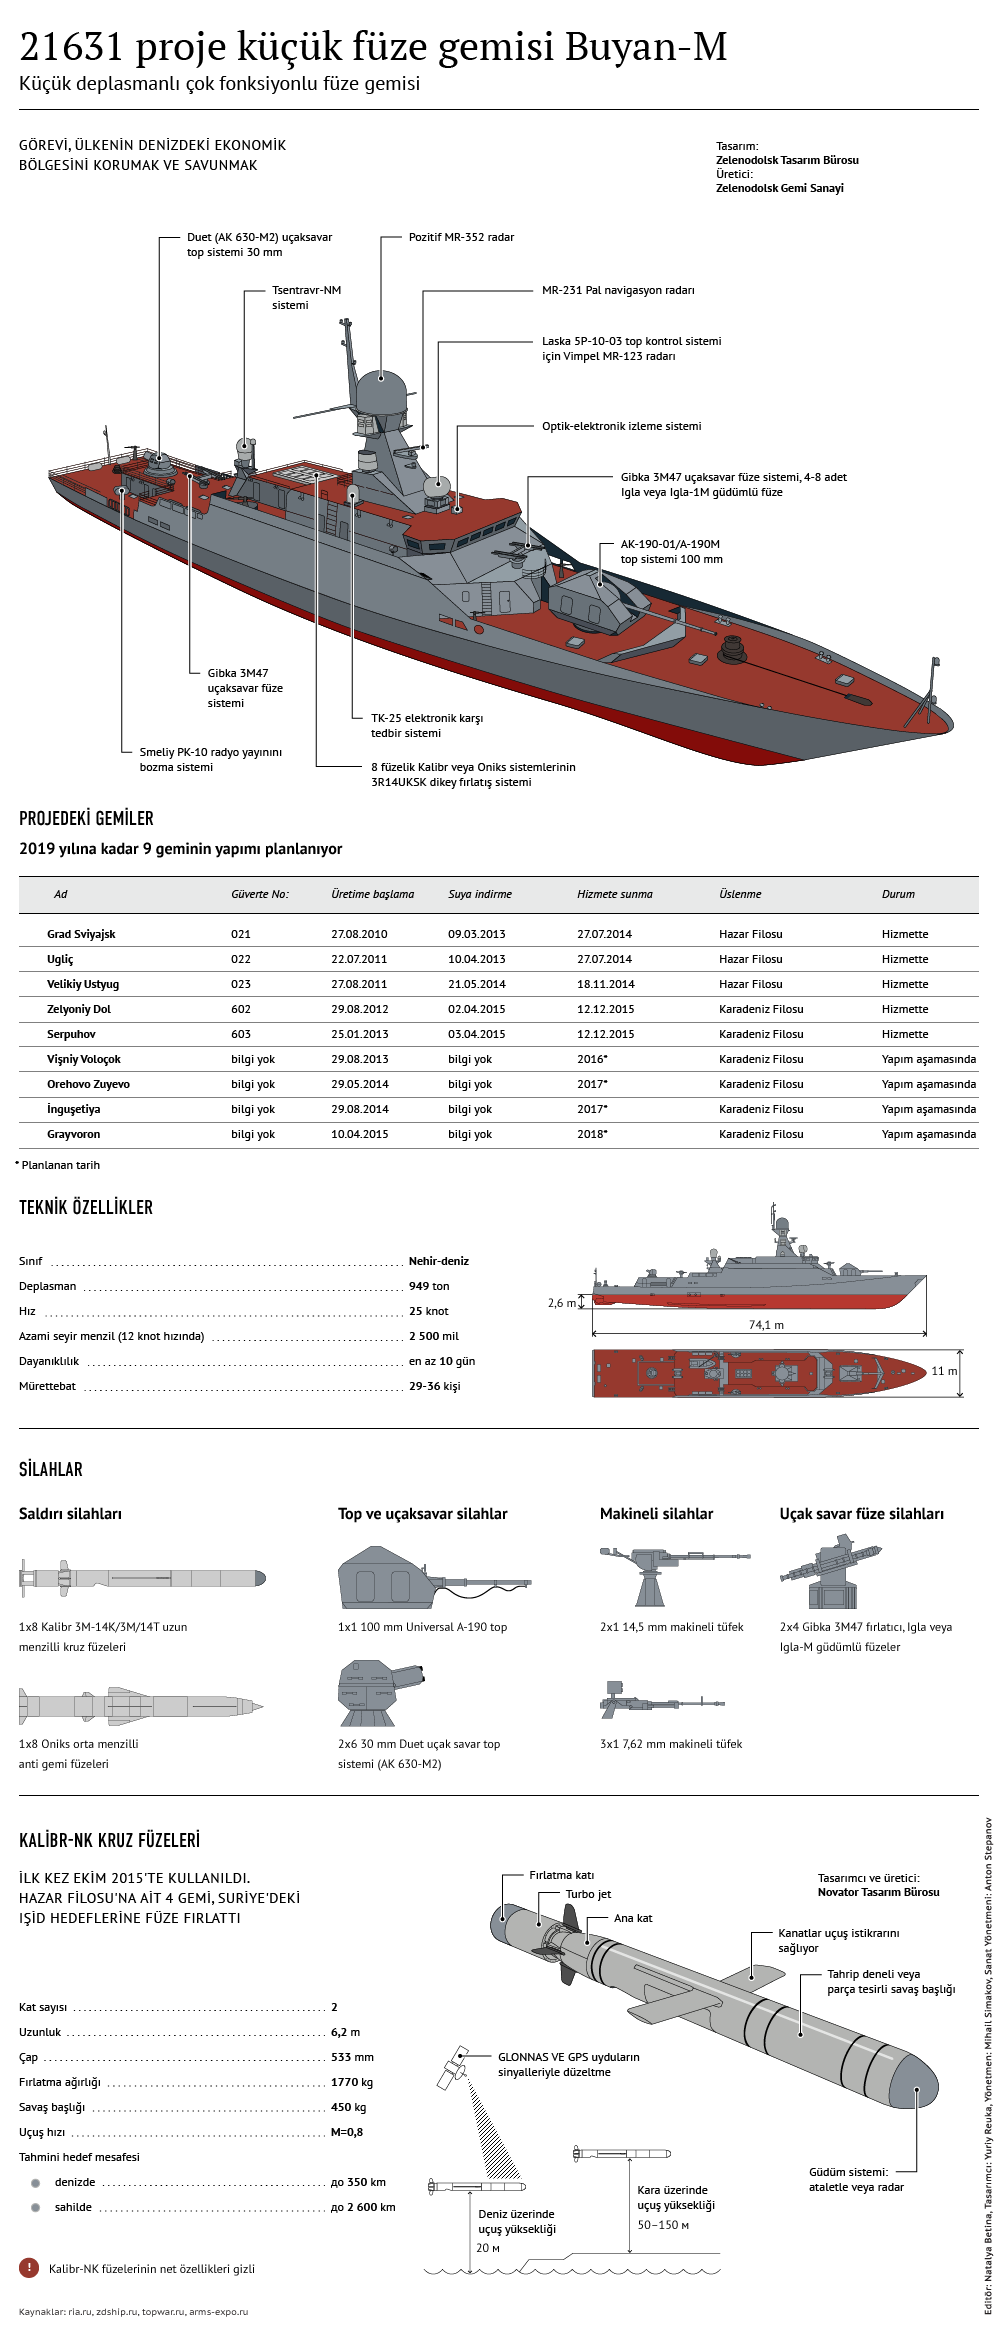 Buyan-M küçük füze gemi